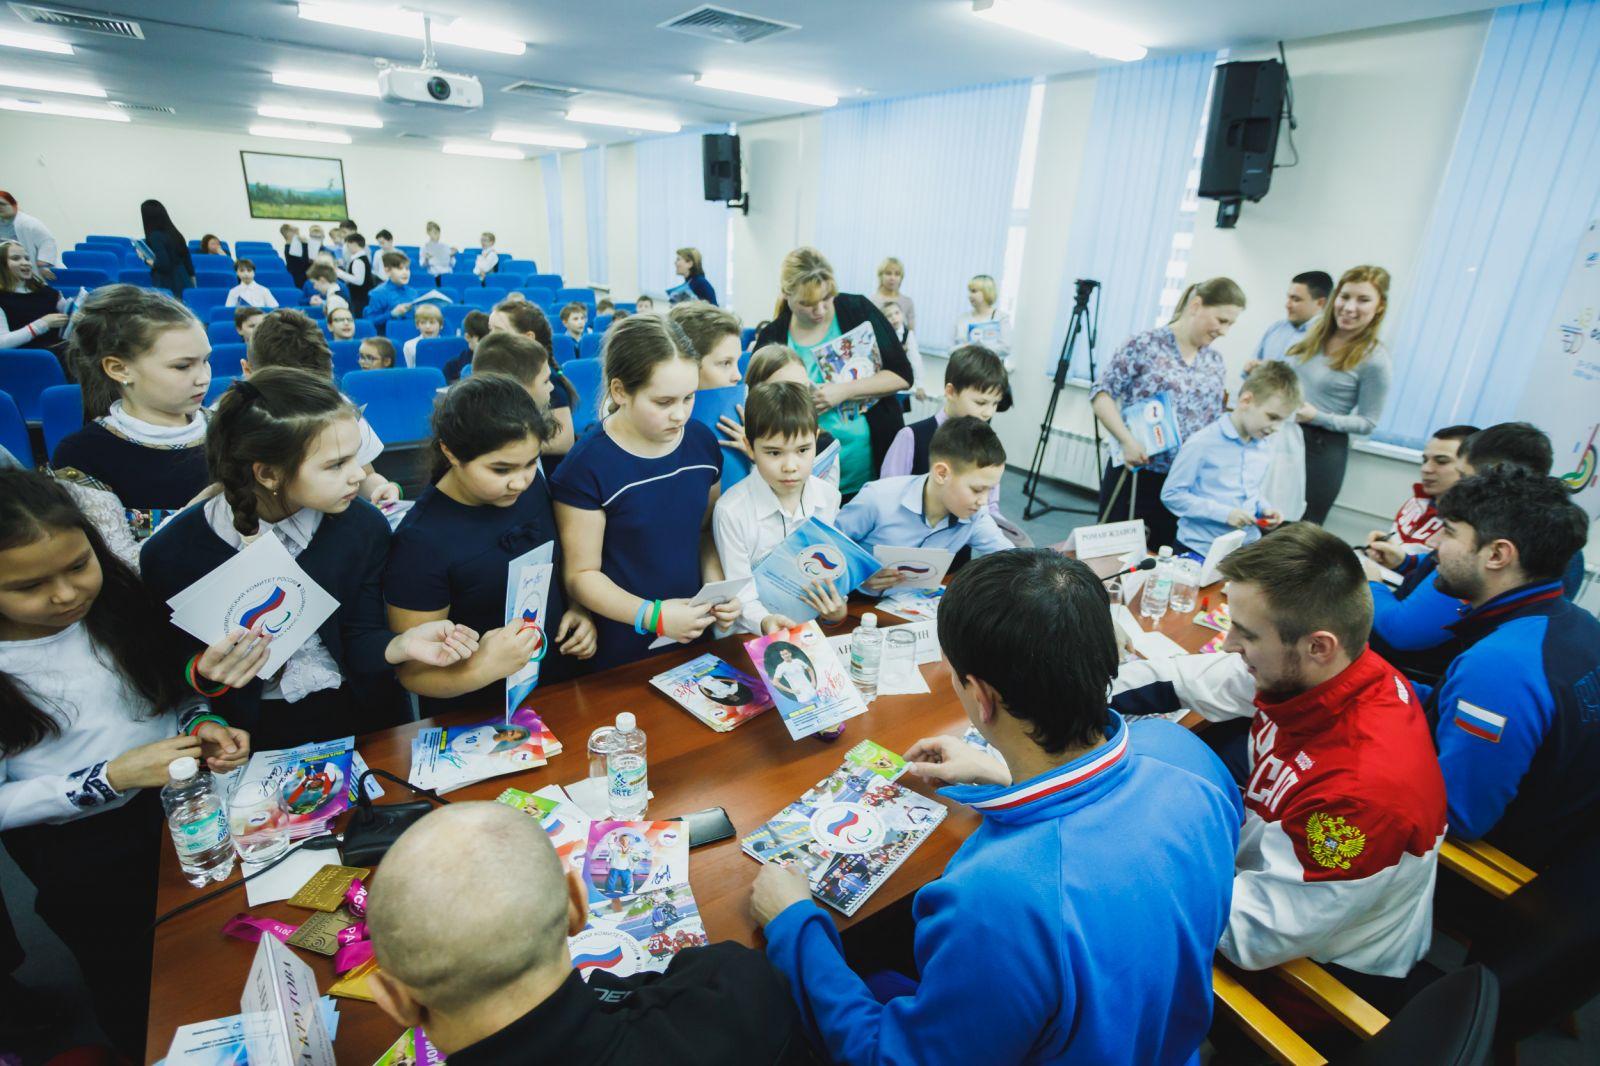 Чемпионы и призеры Паралимпийских игр, чемпионатов мира и Европы провели Паралимпийский урок для учеников Школы №4 г. Ханты-Мансийска